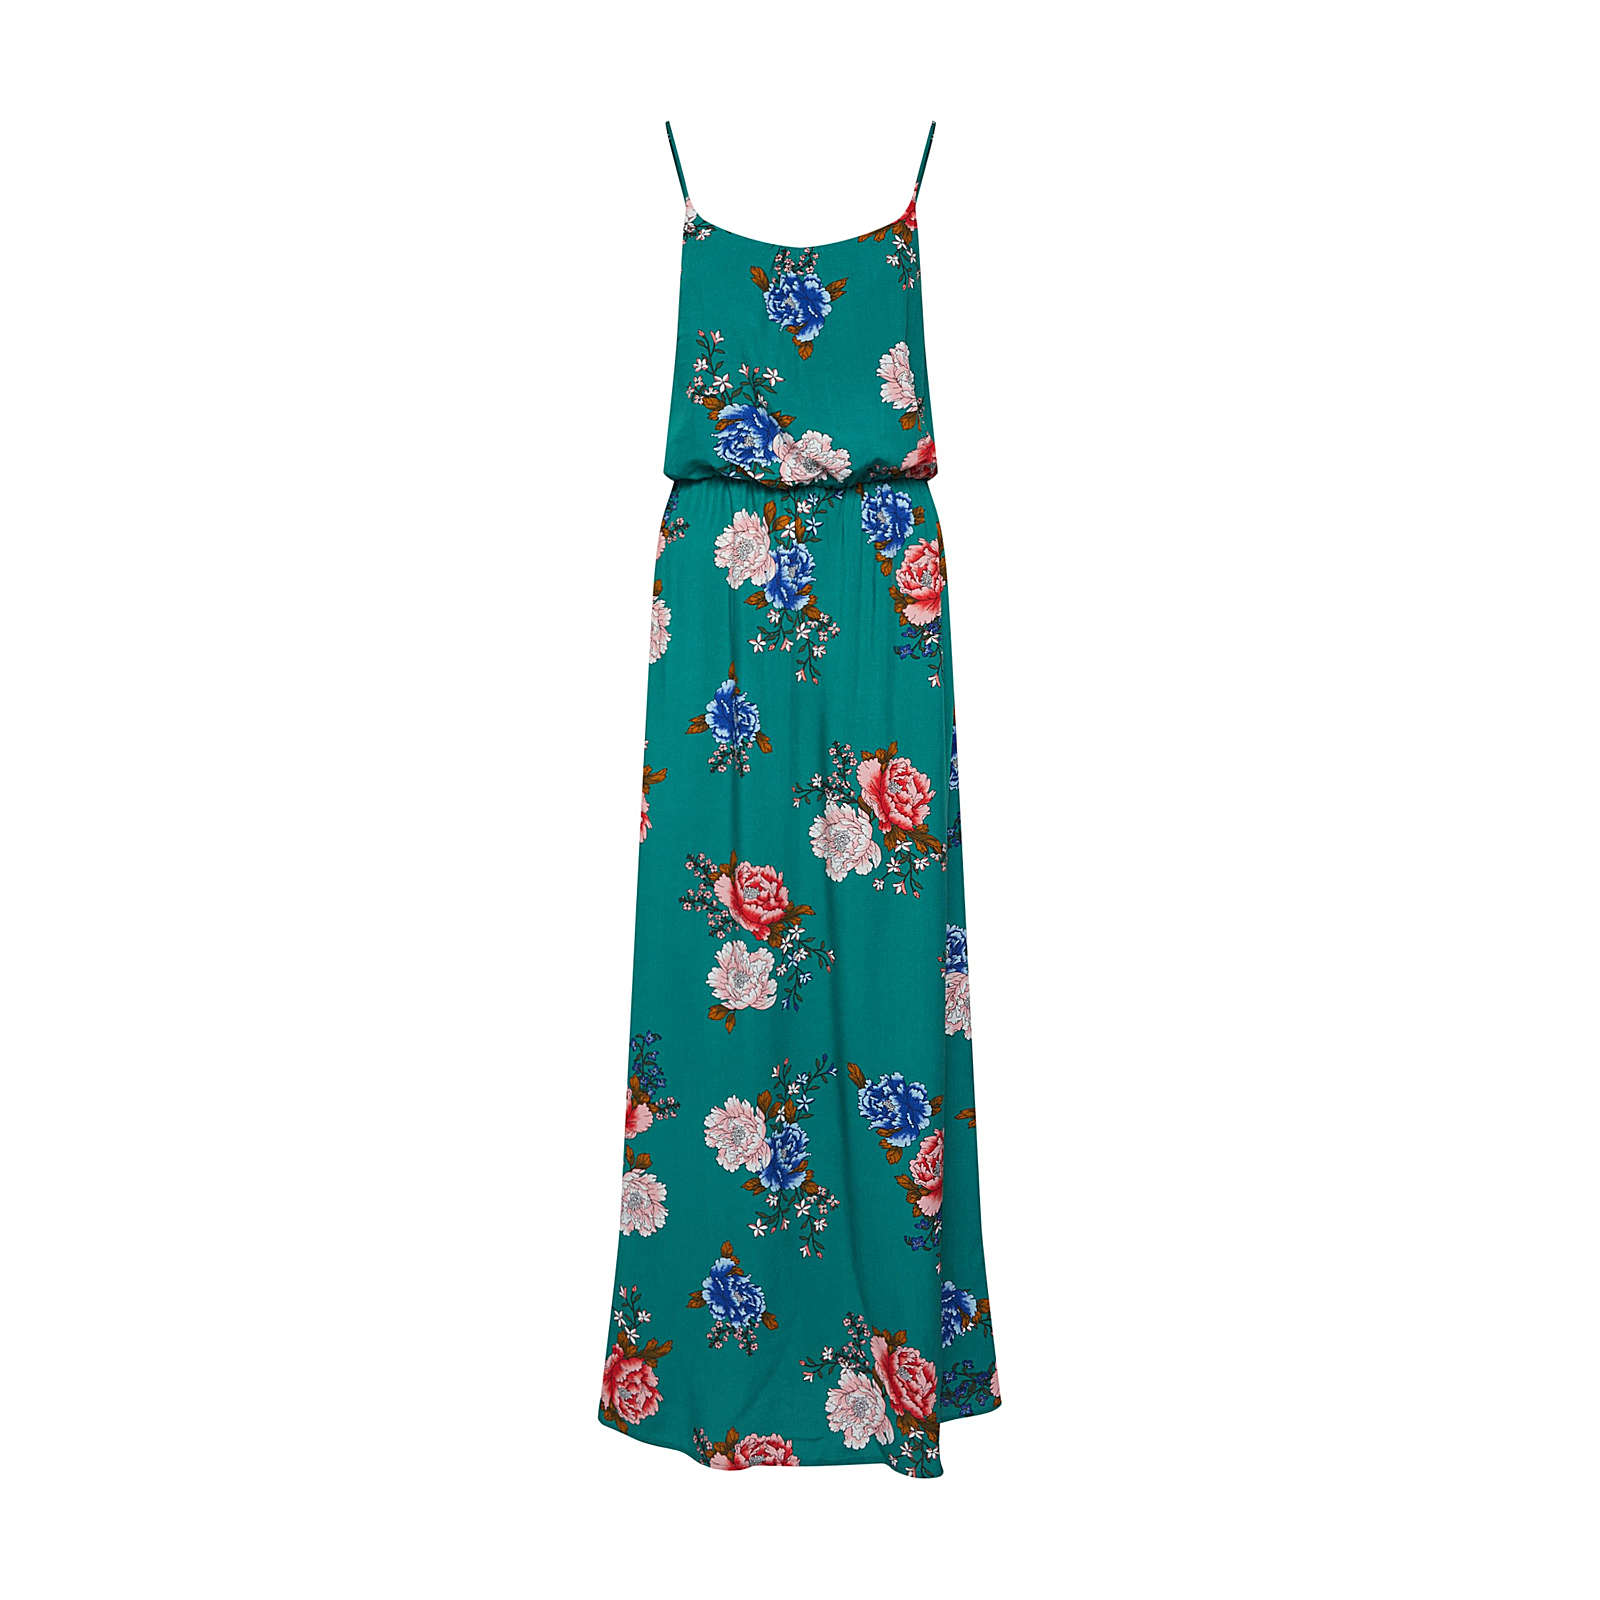 ONLY Sommerkleid NOVA Sommerkleider rot Damen Gr. 36